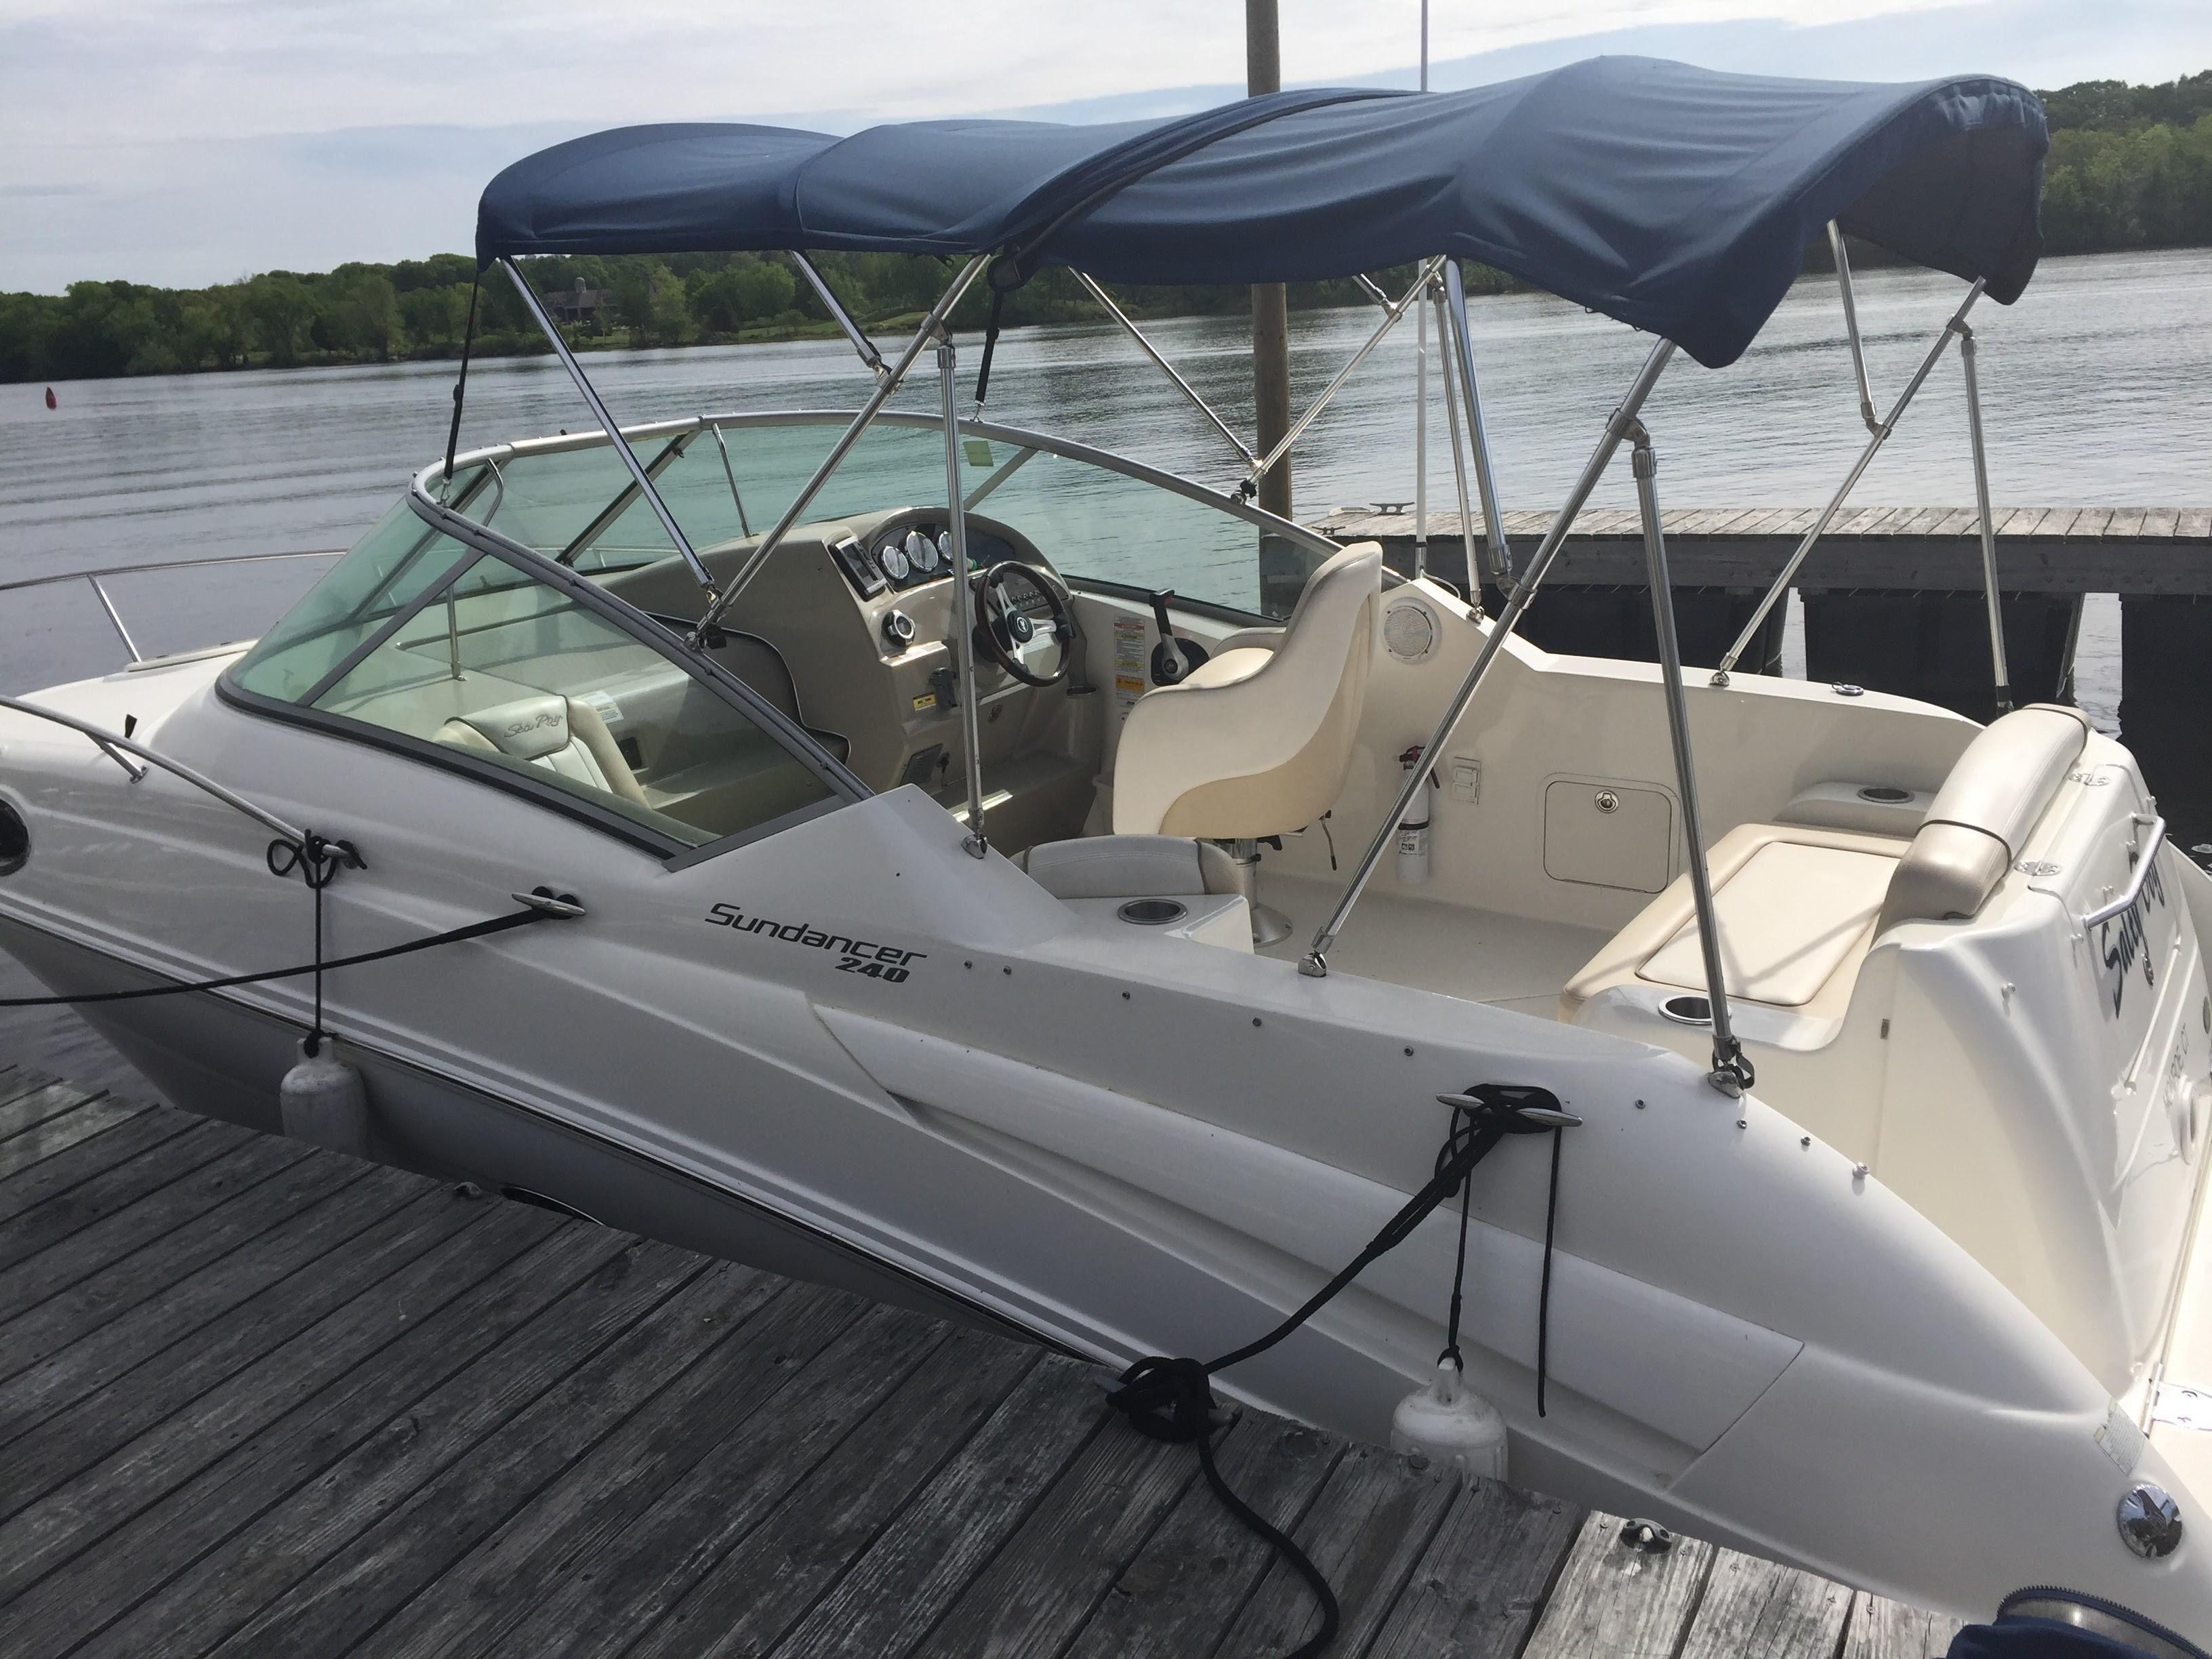 2012 sea ray 240 sundancer motore barca in vendita www for Bpt thermoprogram th 24 prezzo